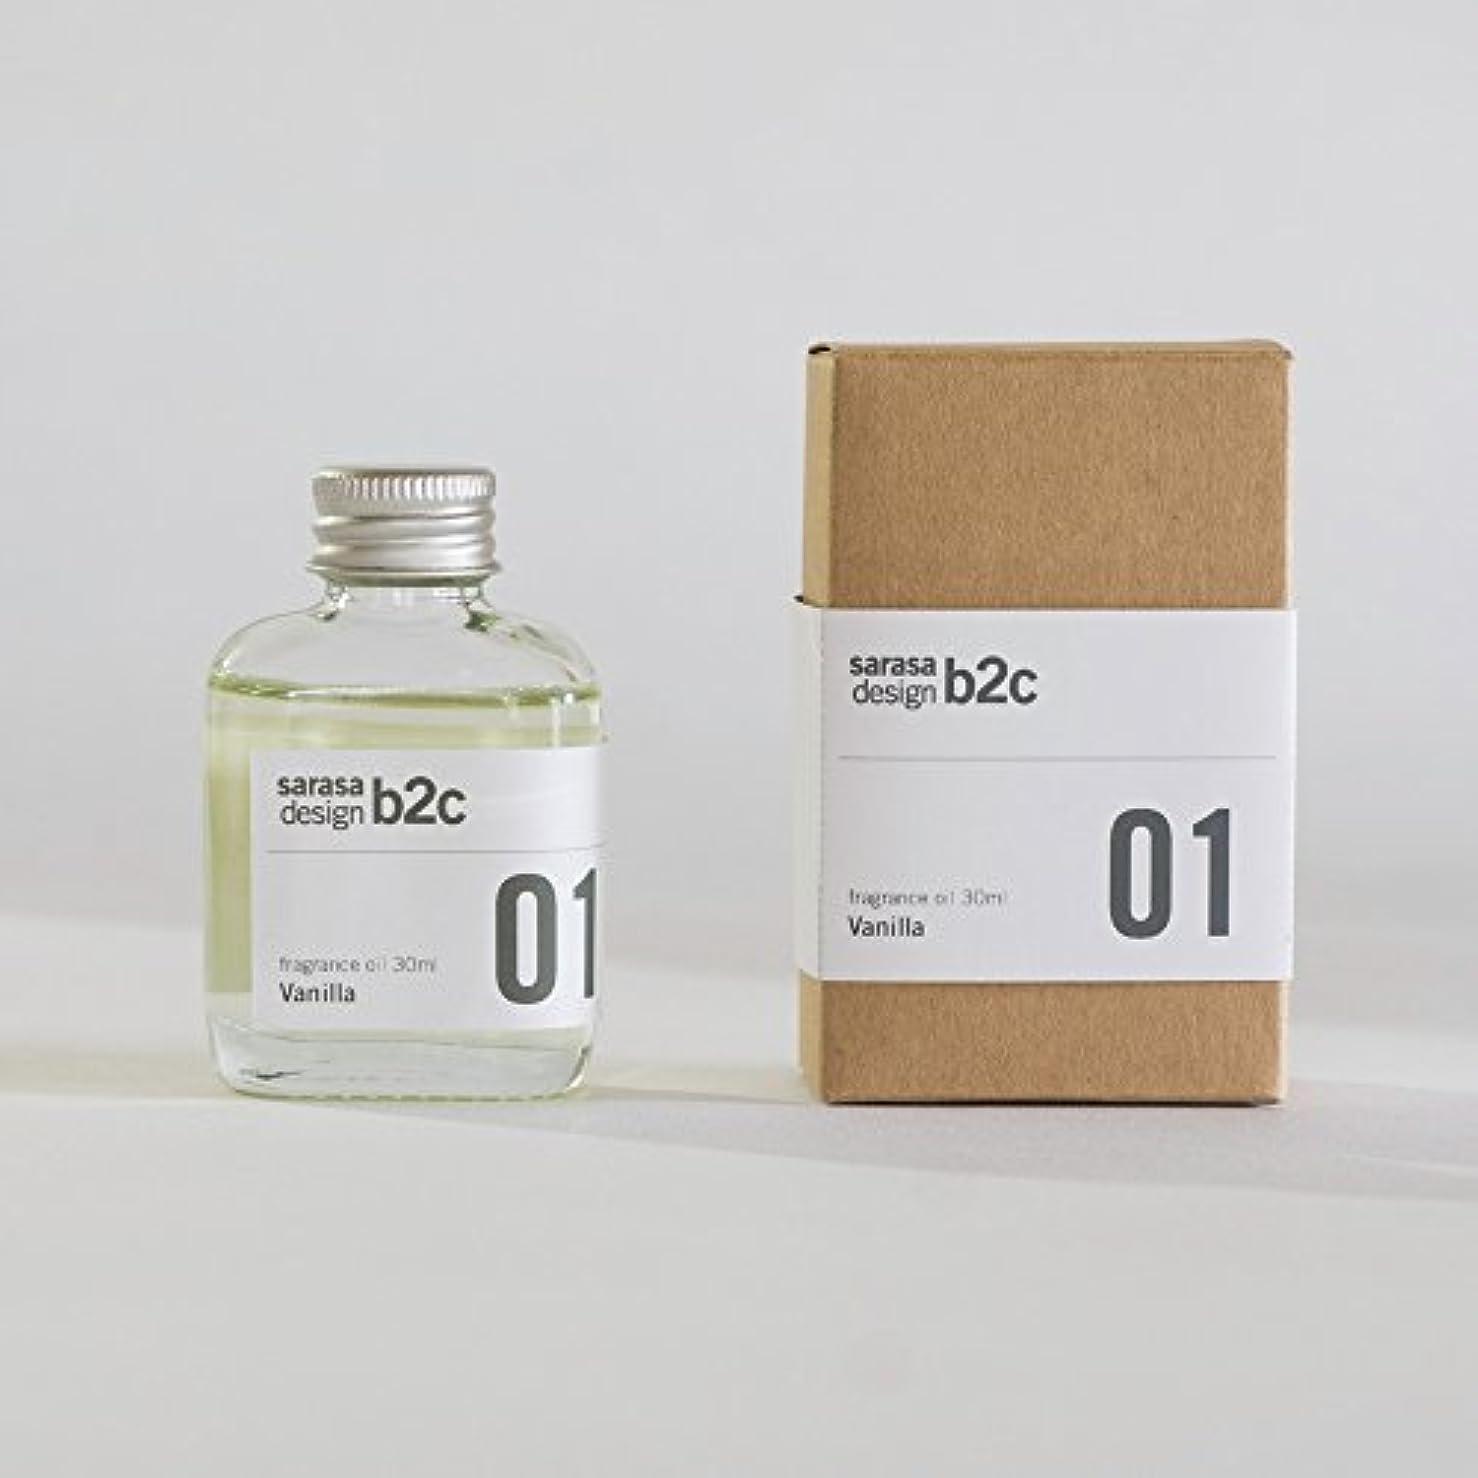 改善する効果クックar002md/b2c フレグランスオイル30ml《マンダリン》  芳香剤 ルームフレグランス リードディフューザー アロマ ディフューザー